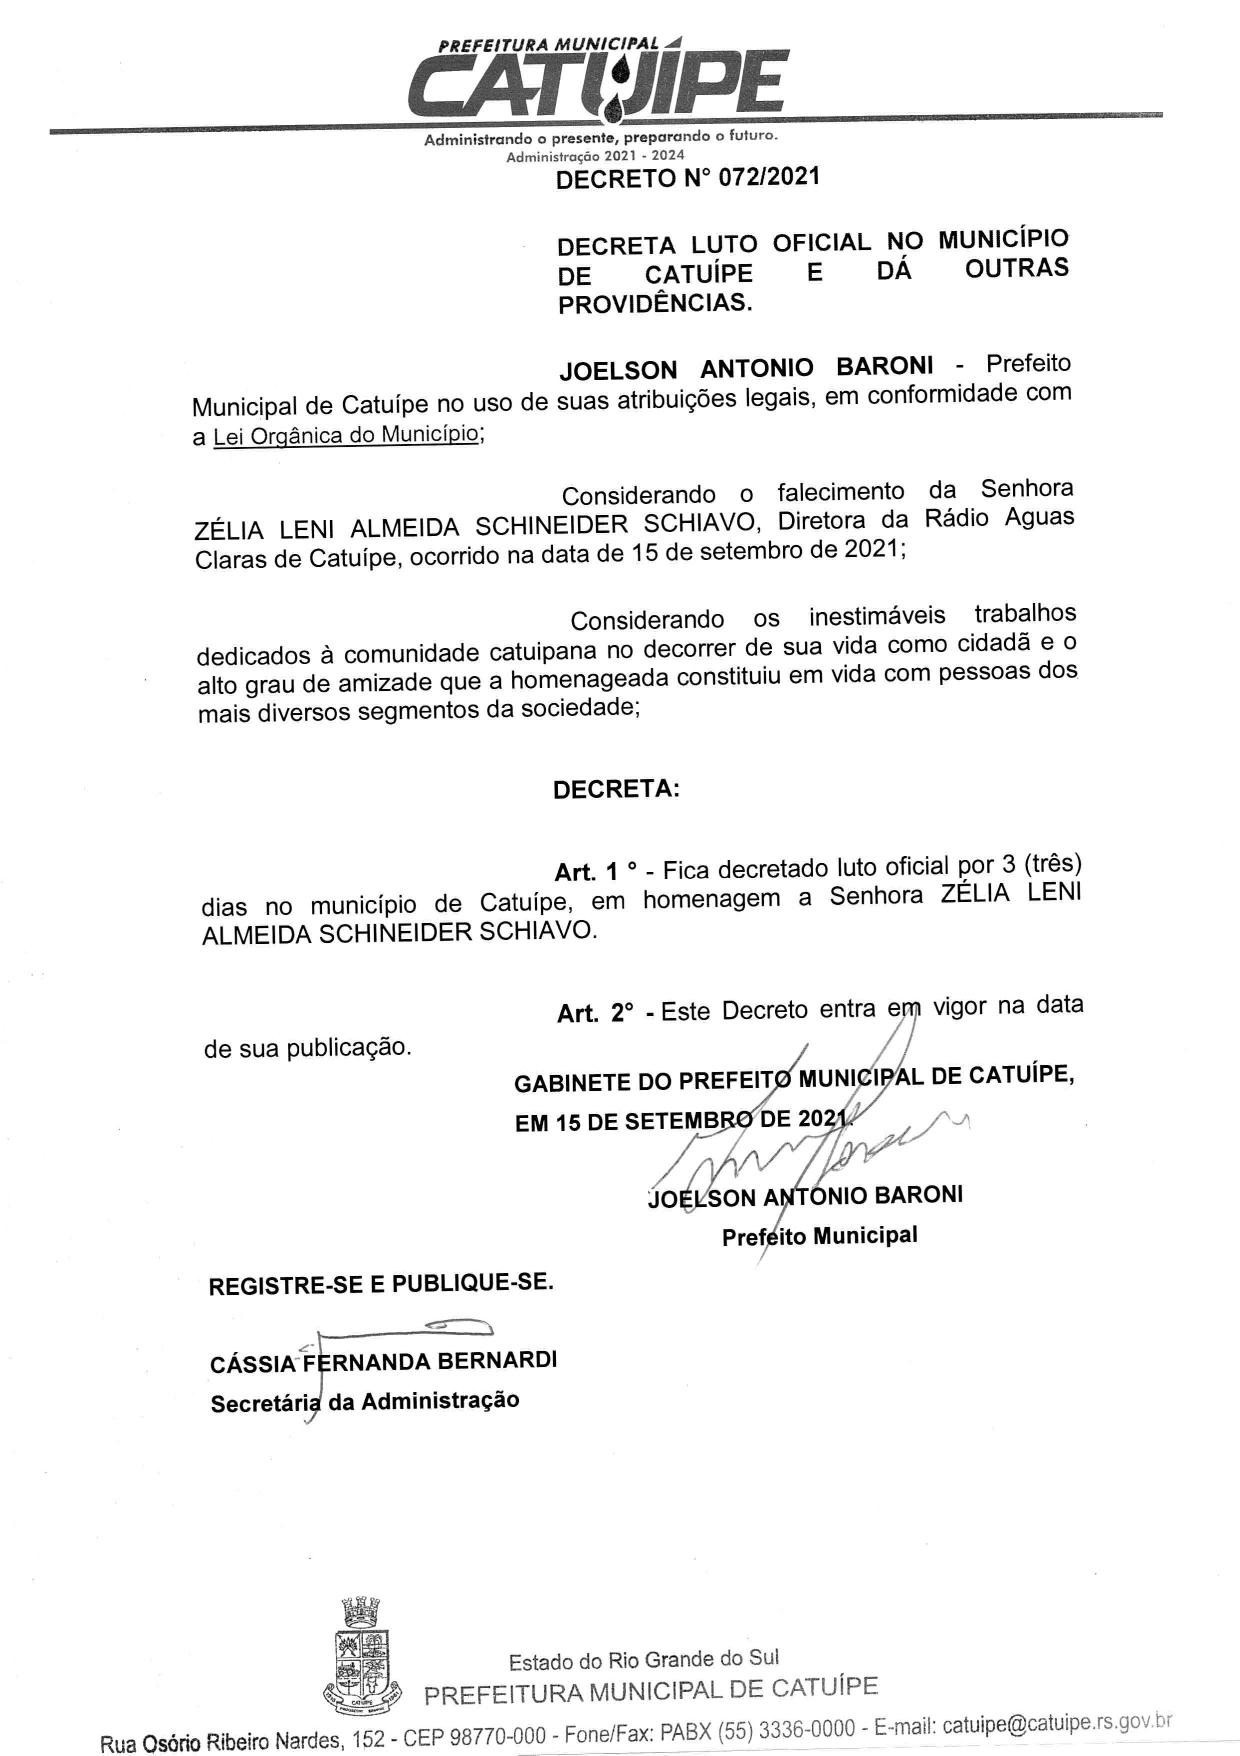 BOLETIM EPIDEMIOLÓGICO DO DIA 14 DE SETEMBRO DE 2021